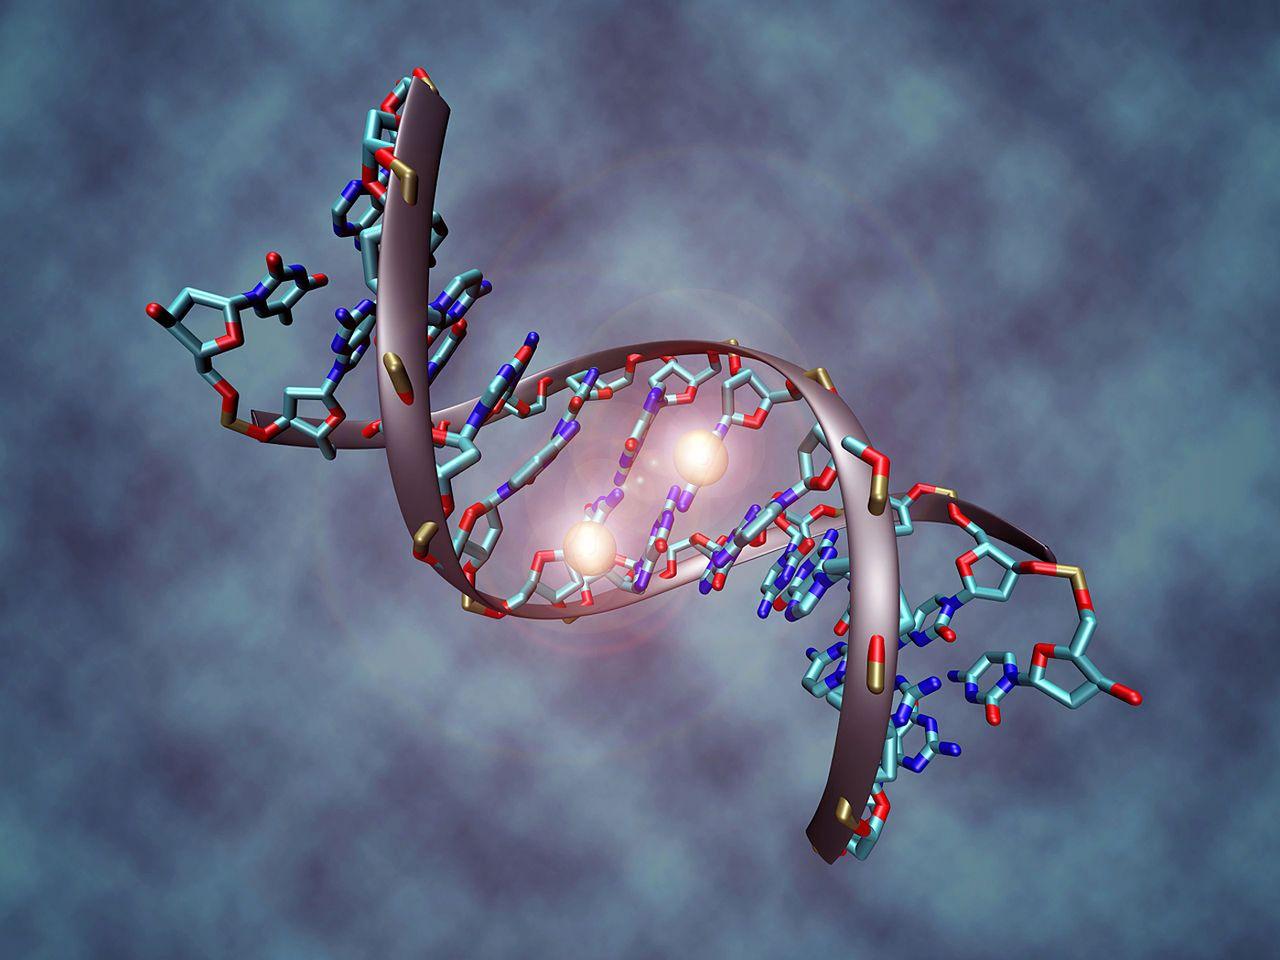 ما هو علم التخلق أو علم ما فوق الجينات - مراقبة مستويات التعبير الجيني دون إحداث أي تغيير على سلسلة الحمض النووي - علم الجينات والخلية العصبية